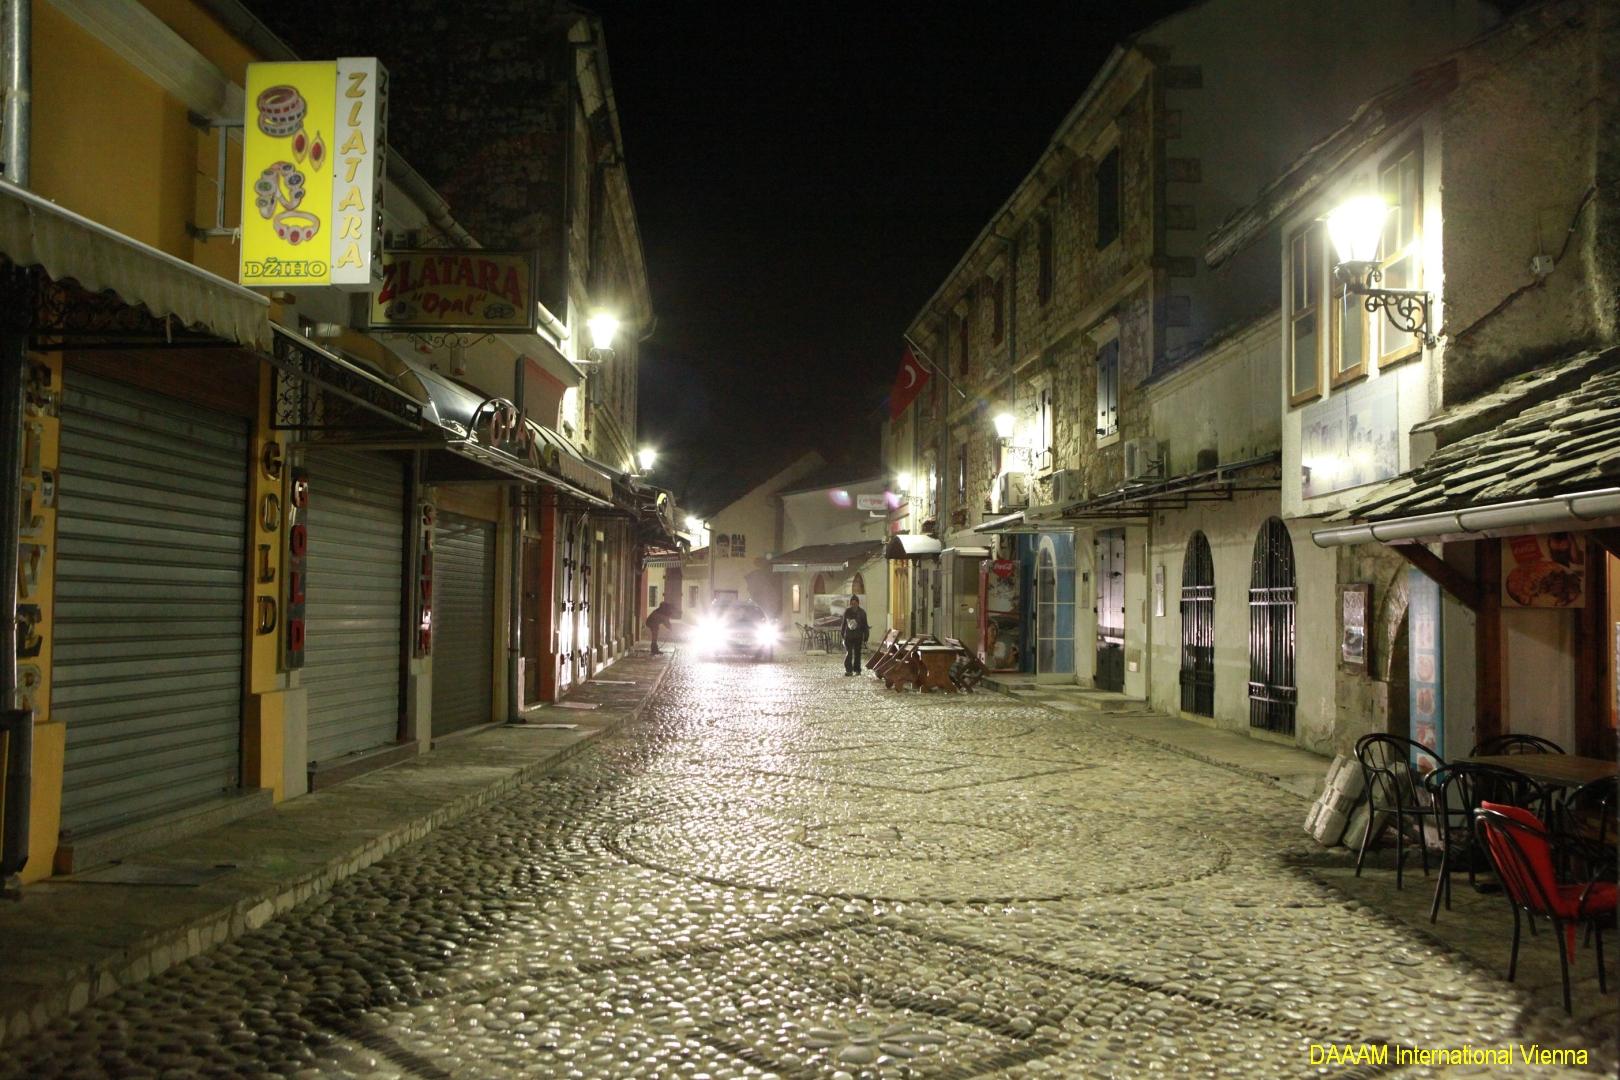 DAAAM_2016_Mostar_01_Magic_City_of_Mostar_186